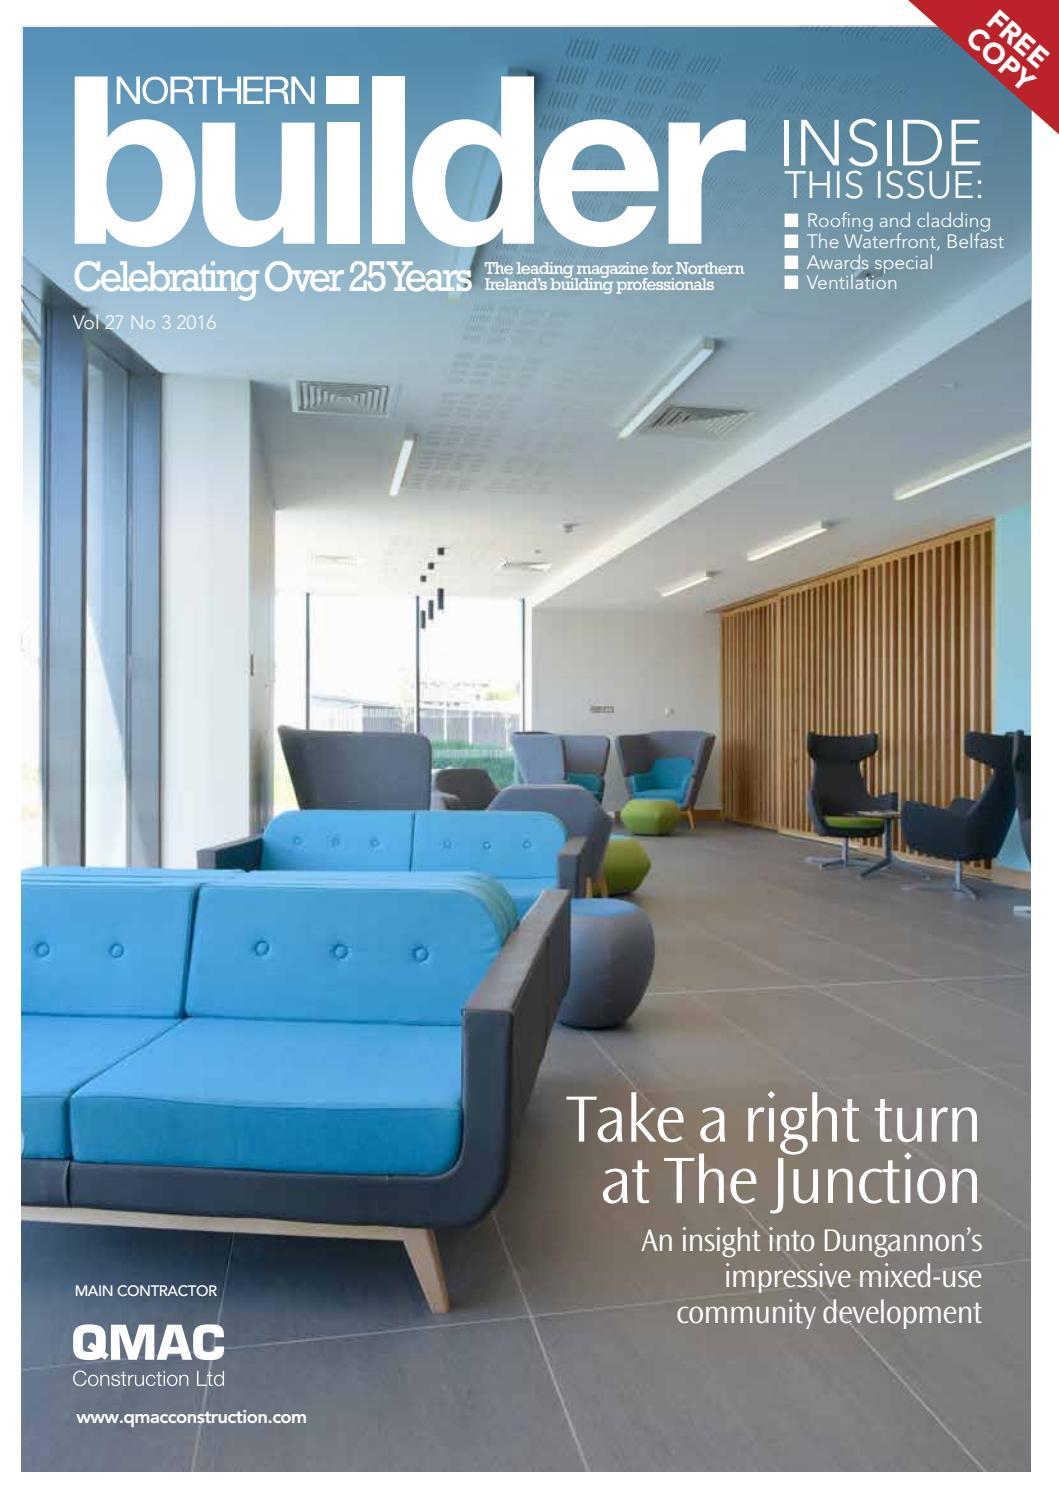 Northern Builder Magazine Issue Vol27-No3 2016 by Karen McAvoy ...